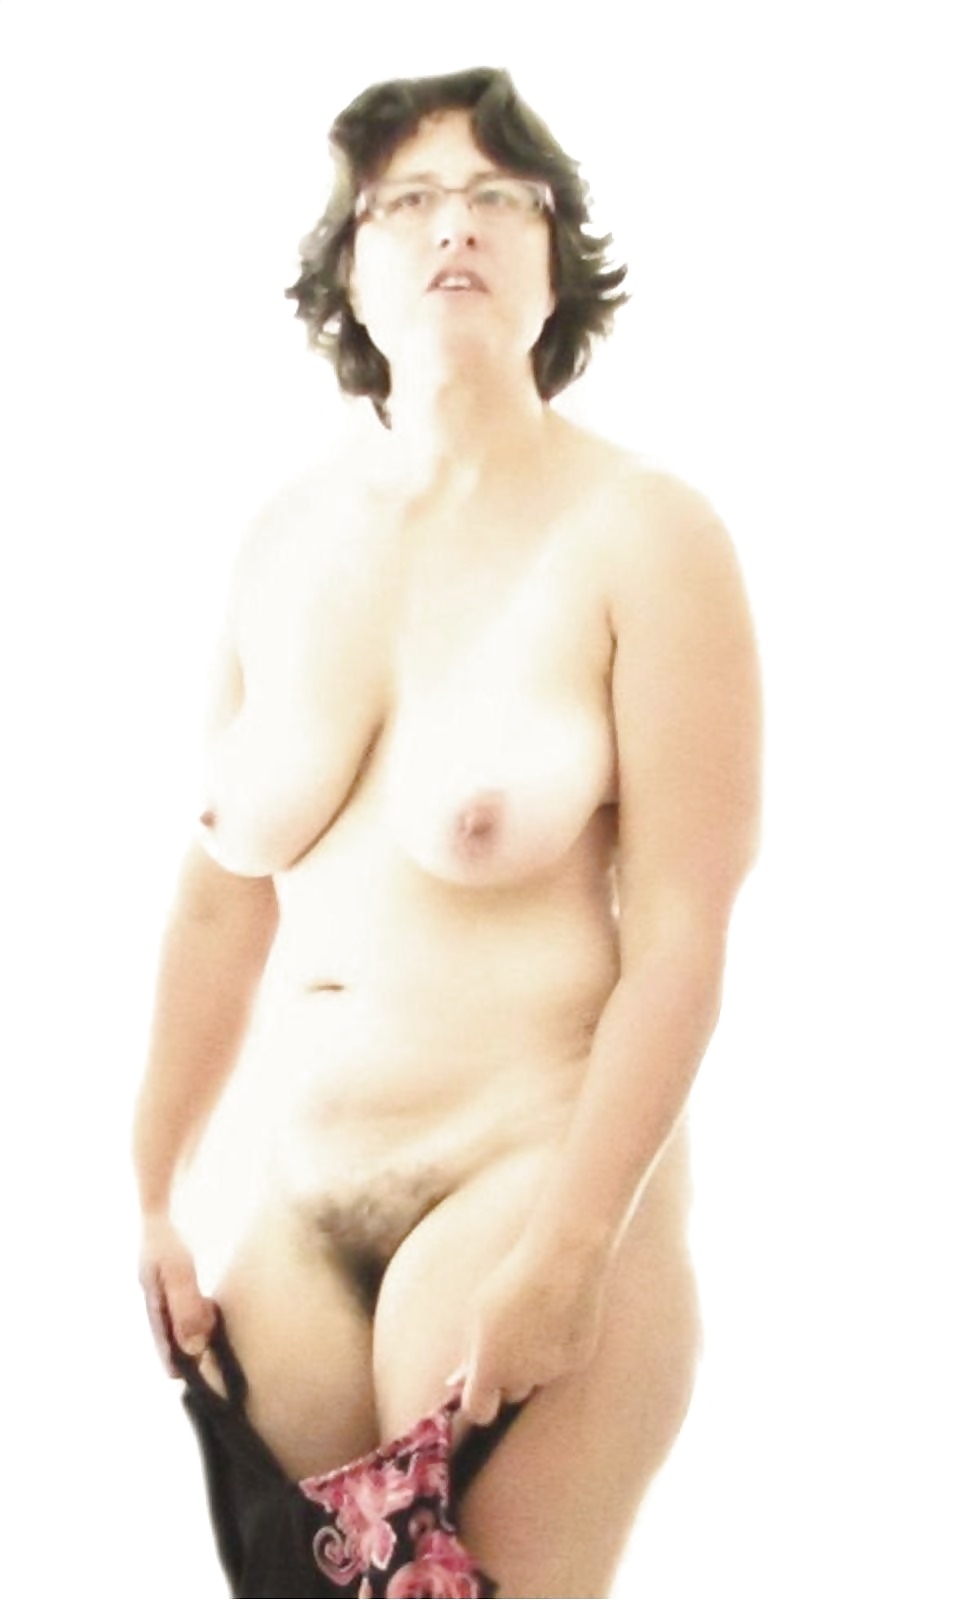 Bildern von deutschen Müttern kostenlos porno bilder - Bild 7